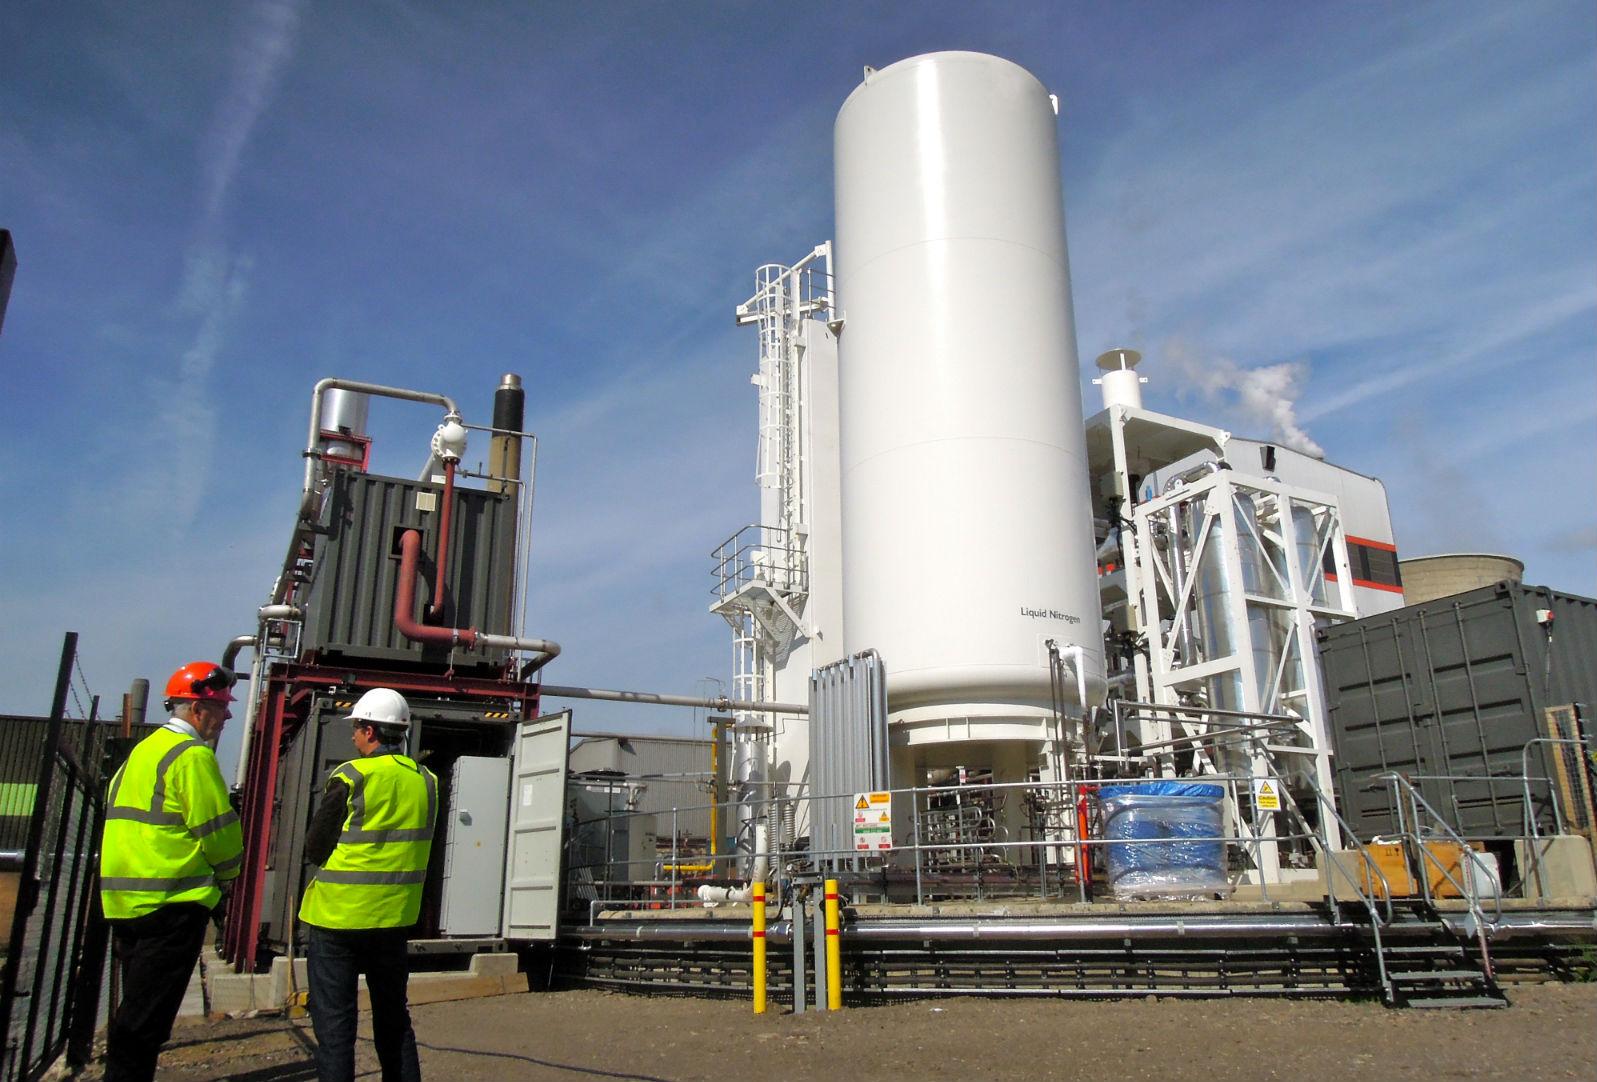 「低溫物理蓄電」利用可再生能源產生的電力,加壓及冷卻空氣,儲存能量。  圖片來源:Highview Power